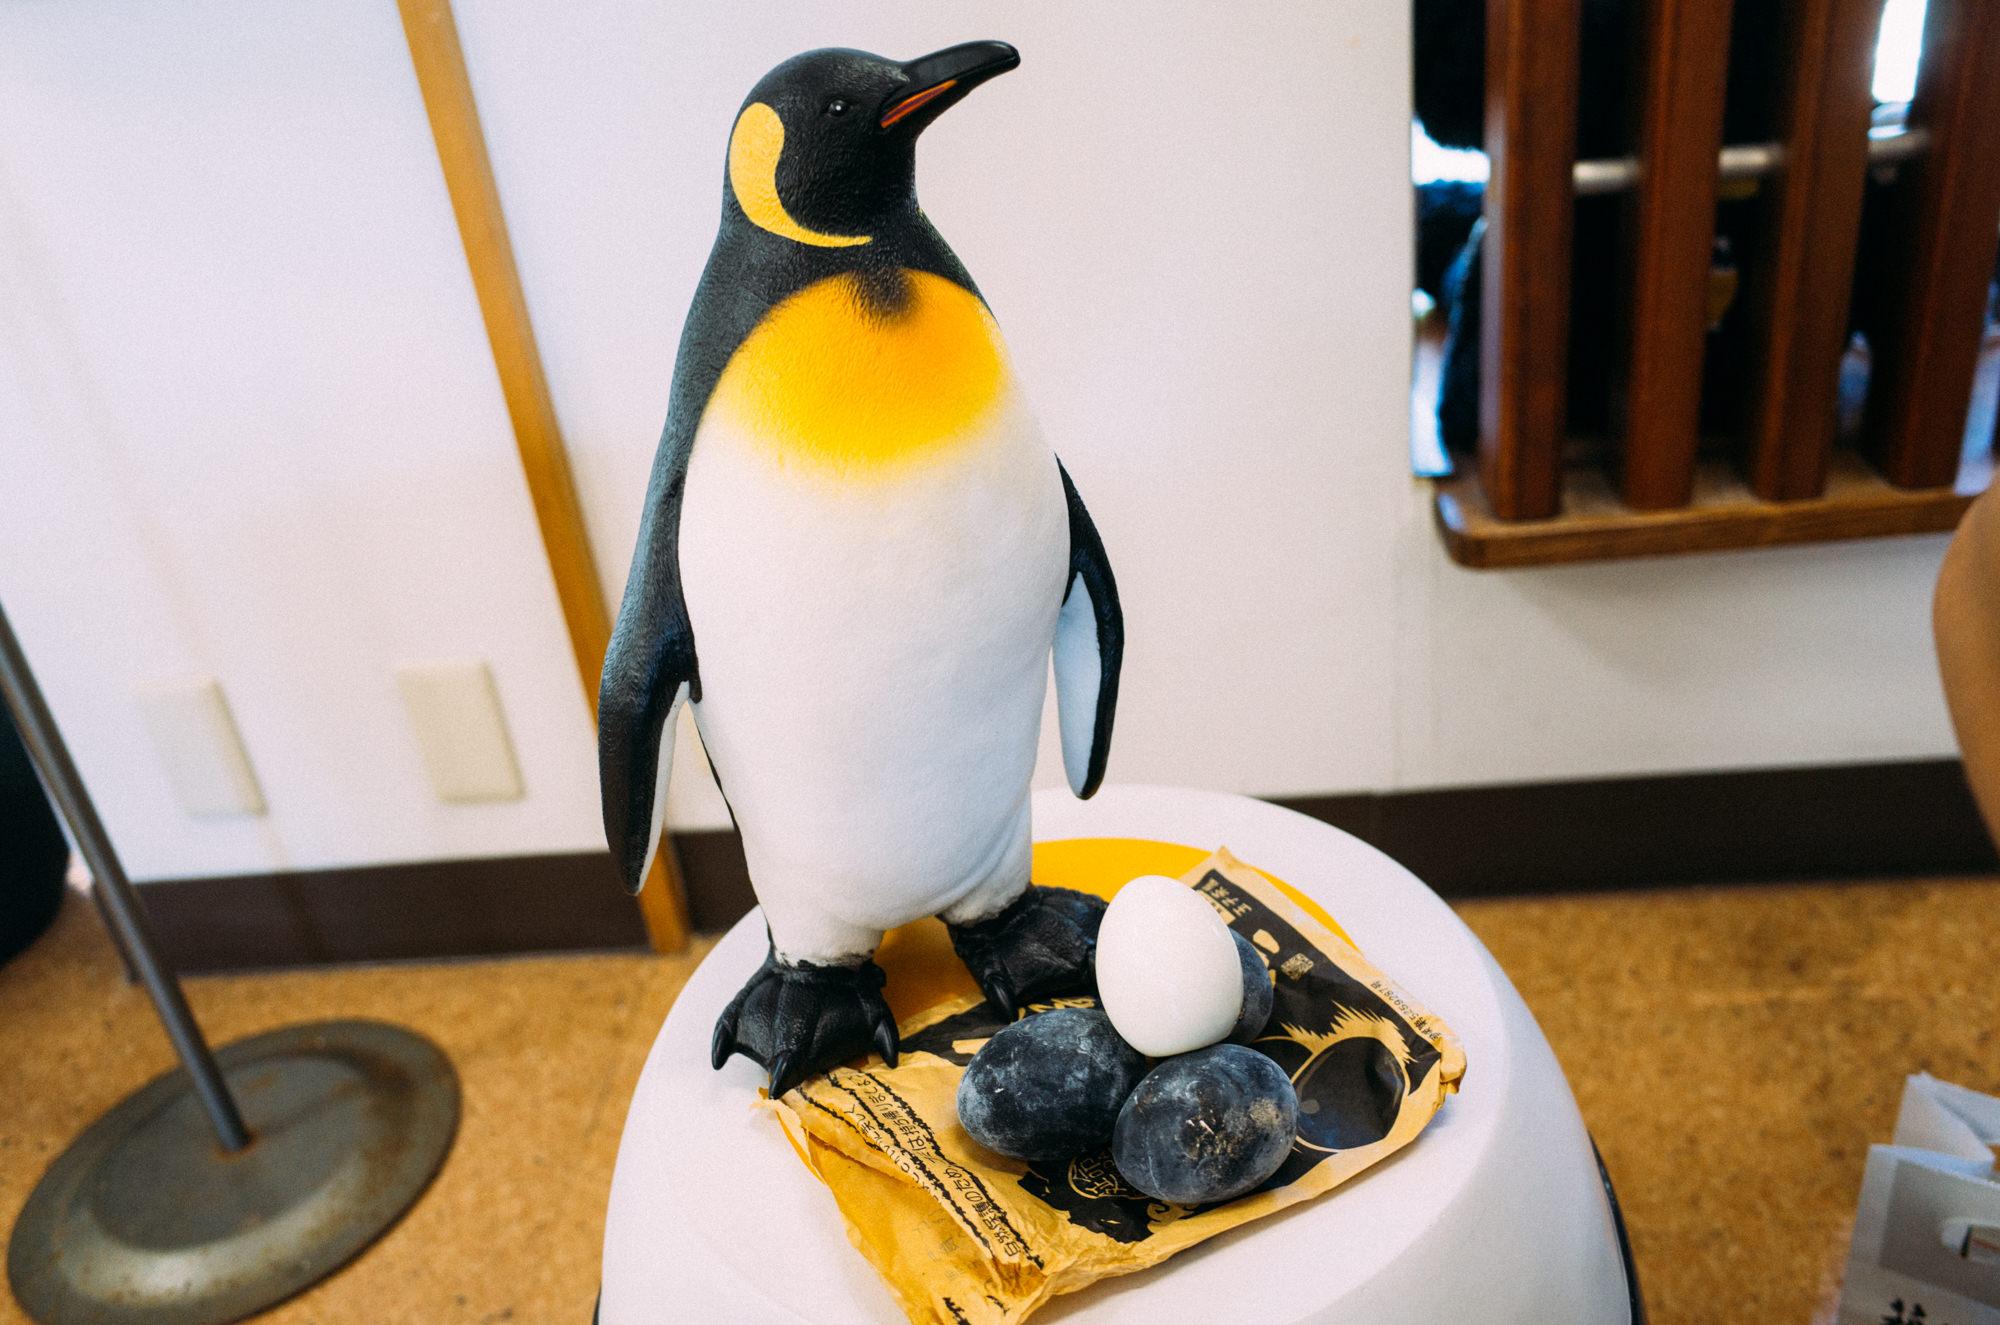 wrenee-hakone-japan-black-eggs-3.jpg